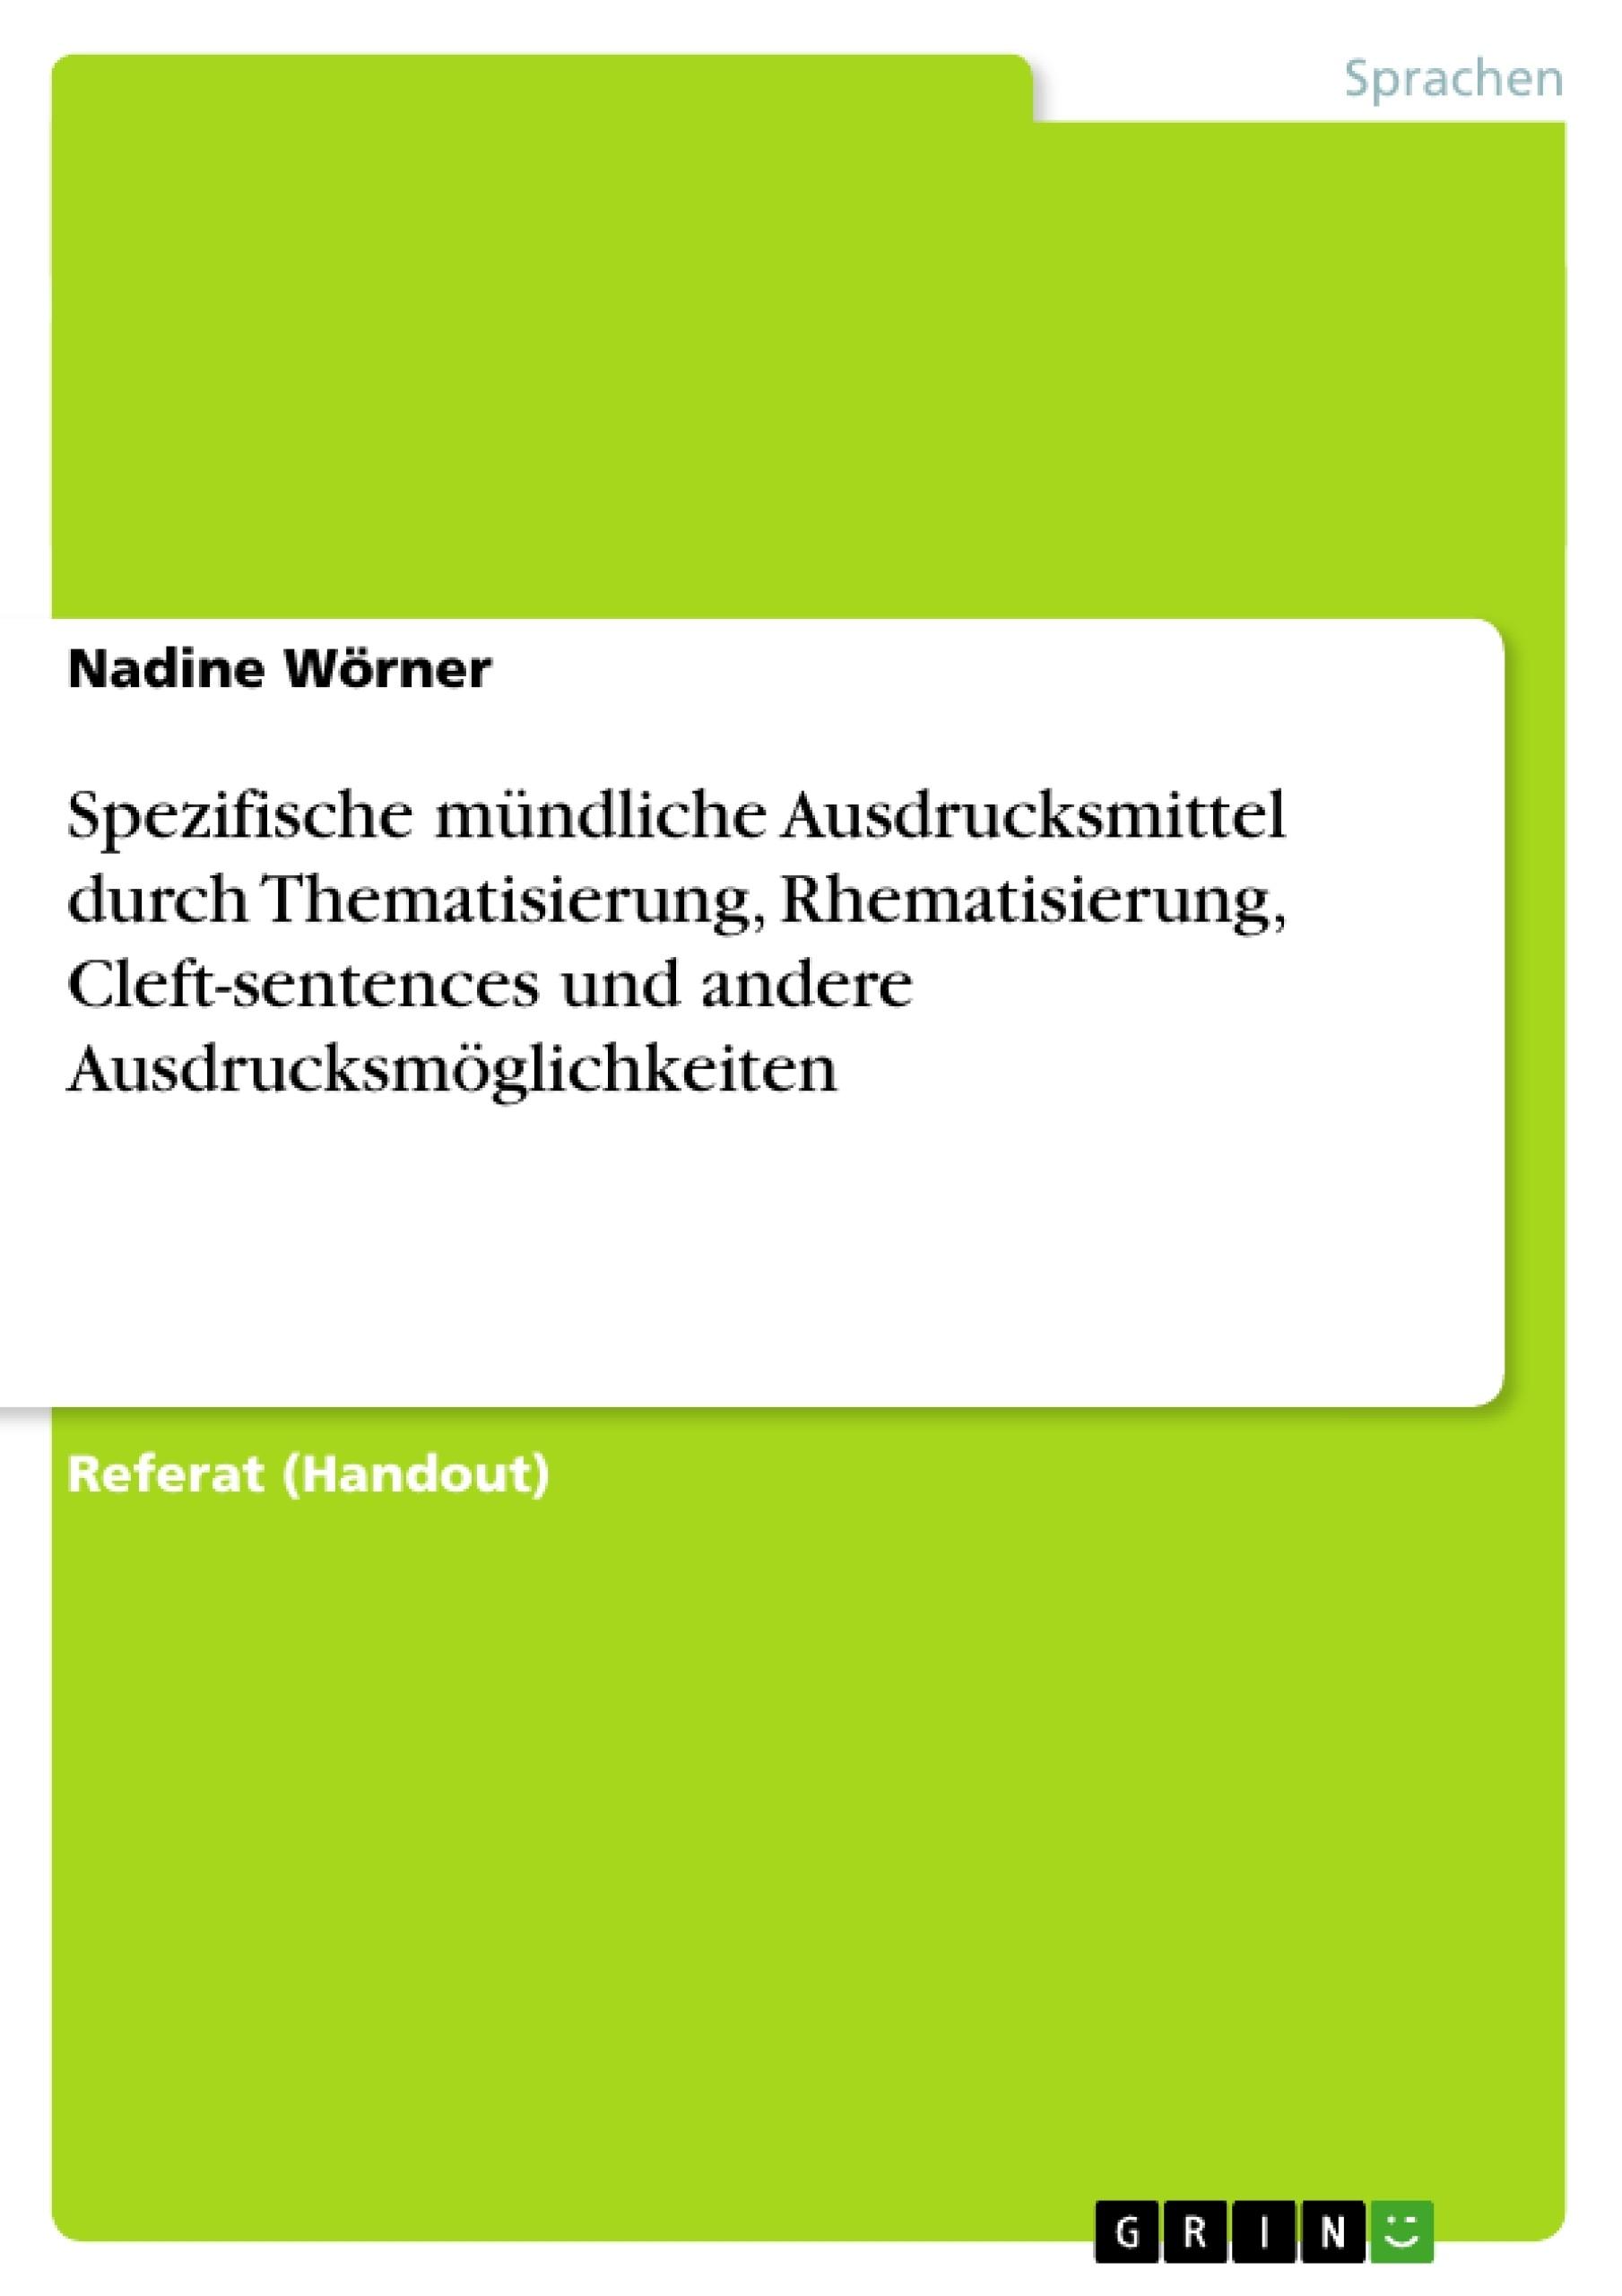 Titel: Spezifische mündliche Ausdrucksmittel durch Thematisierung, Rhematisierung, Cleft-sentences und andere Ausdrucksmöglichkeiten